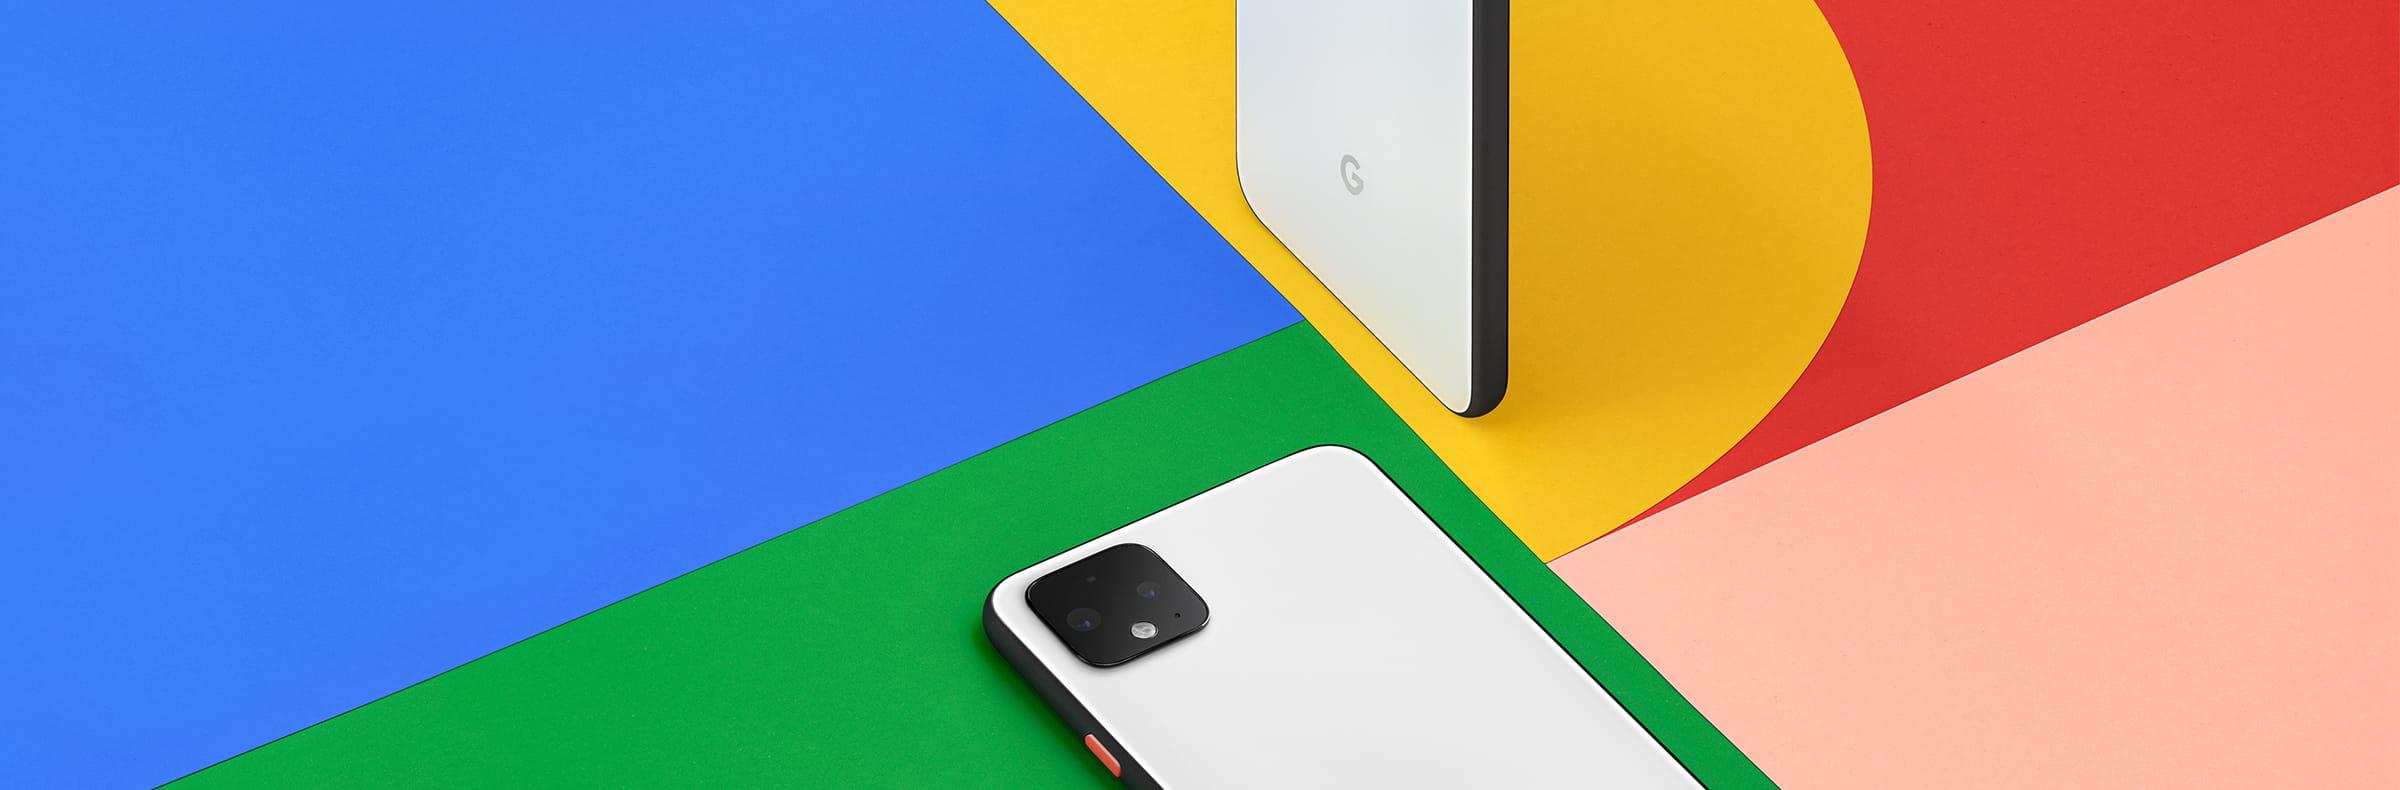 Pixel 4 phone